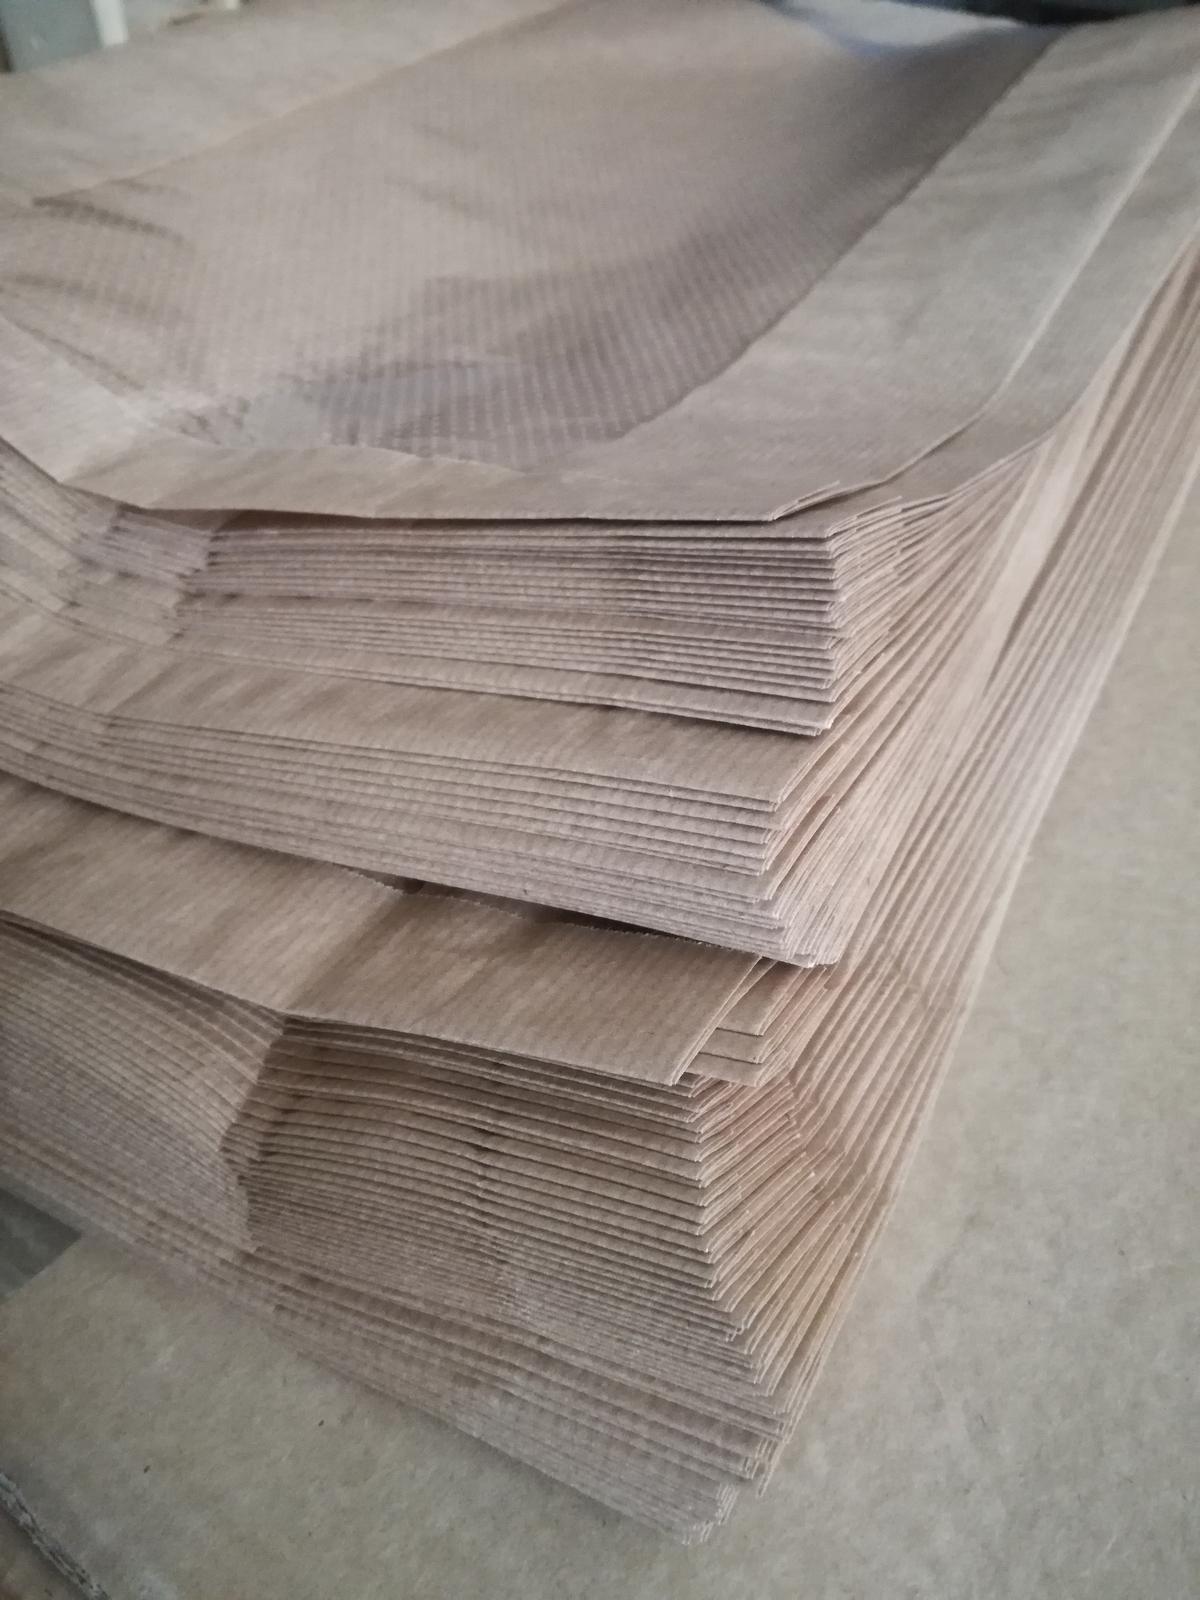 Papierový sáčok na pchlieb - Obrázok č. 2